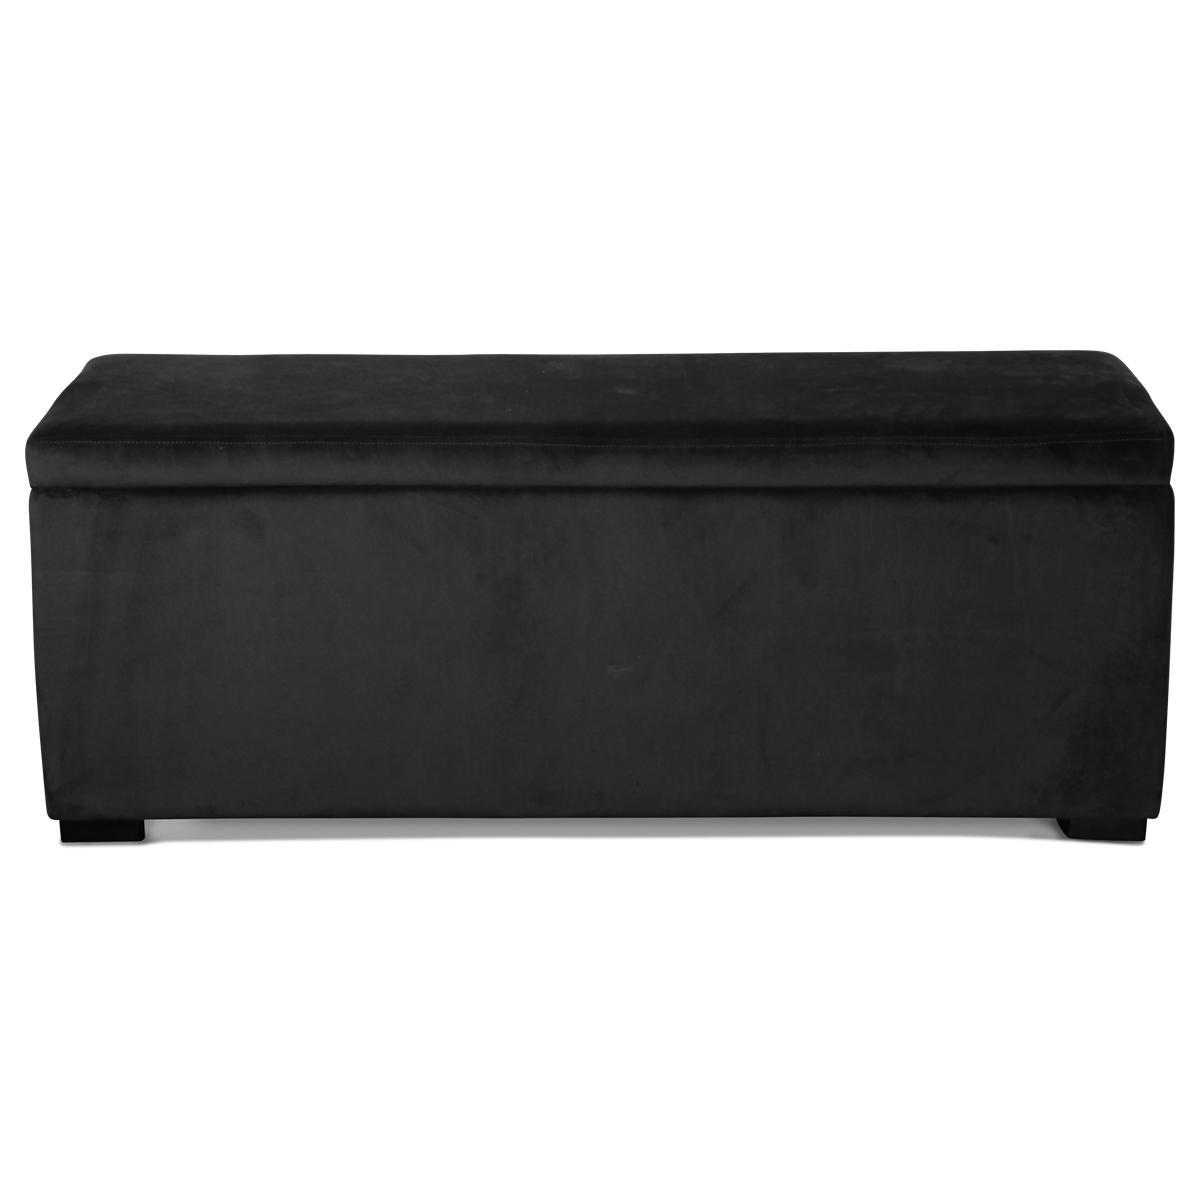 Banquette coffre en velours uni - Noir - 120 x 40 x H 45 cm